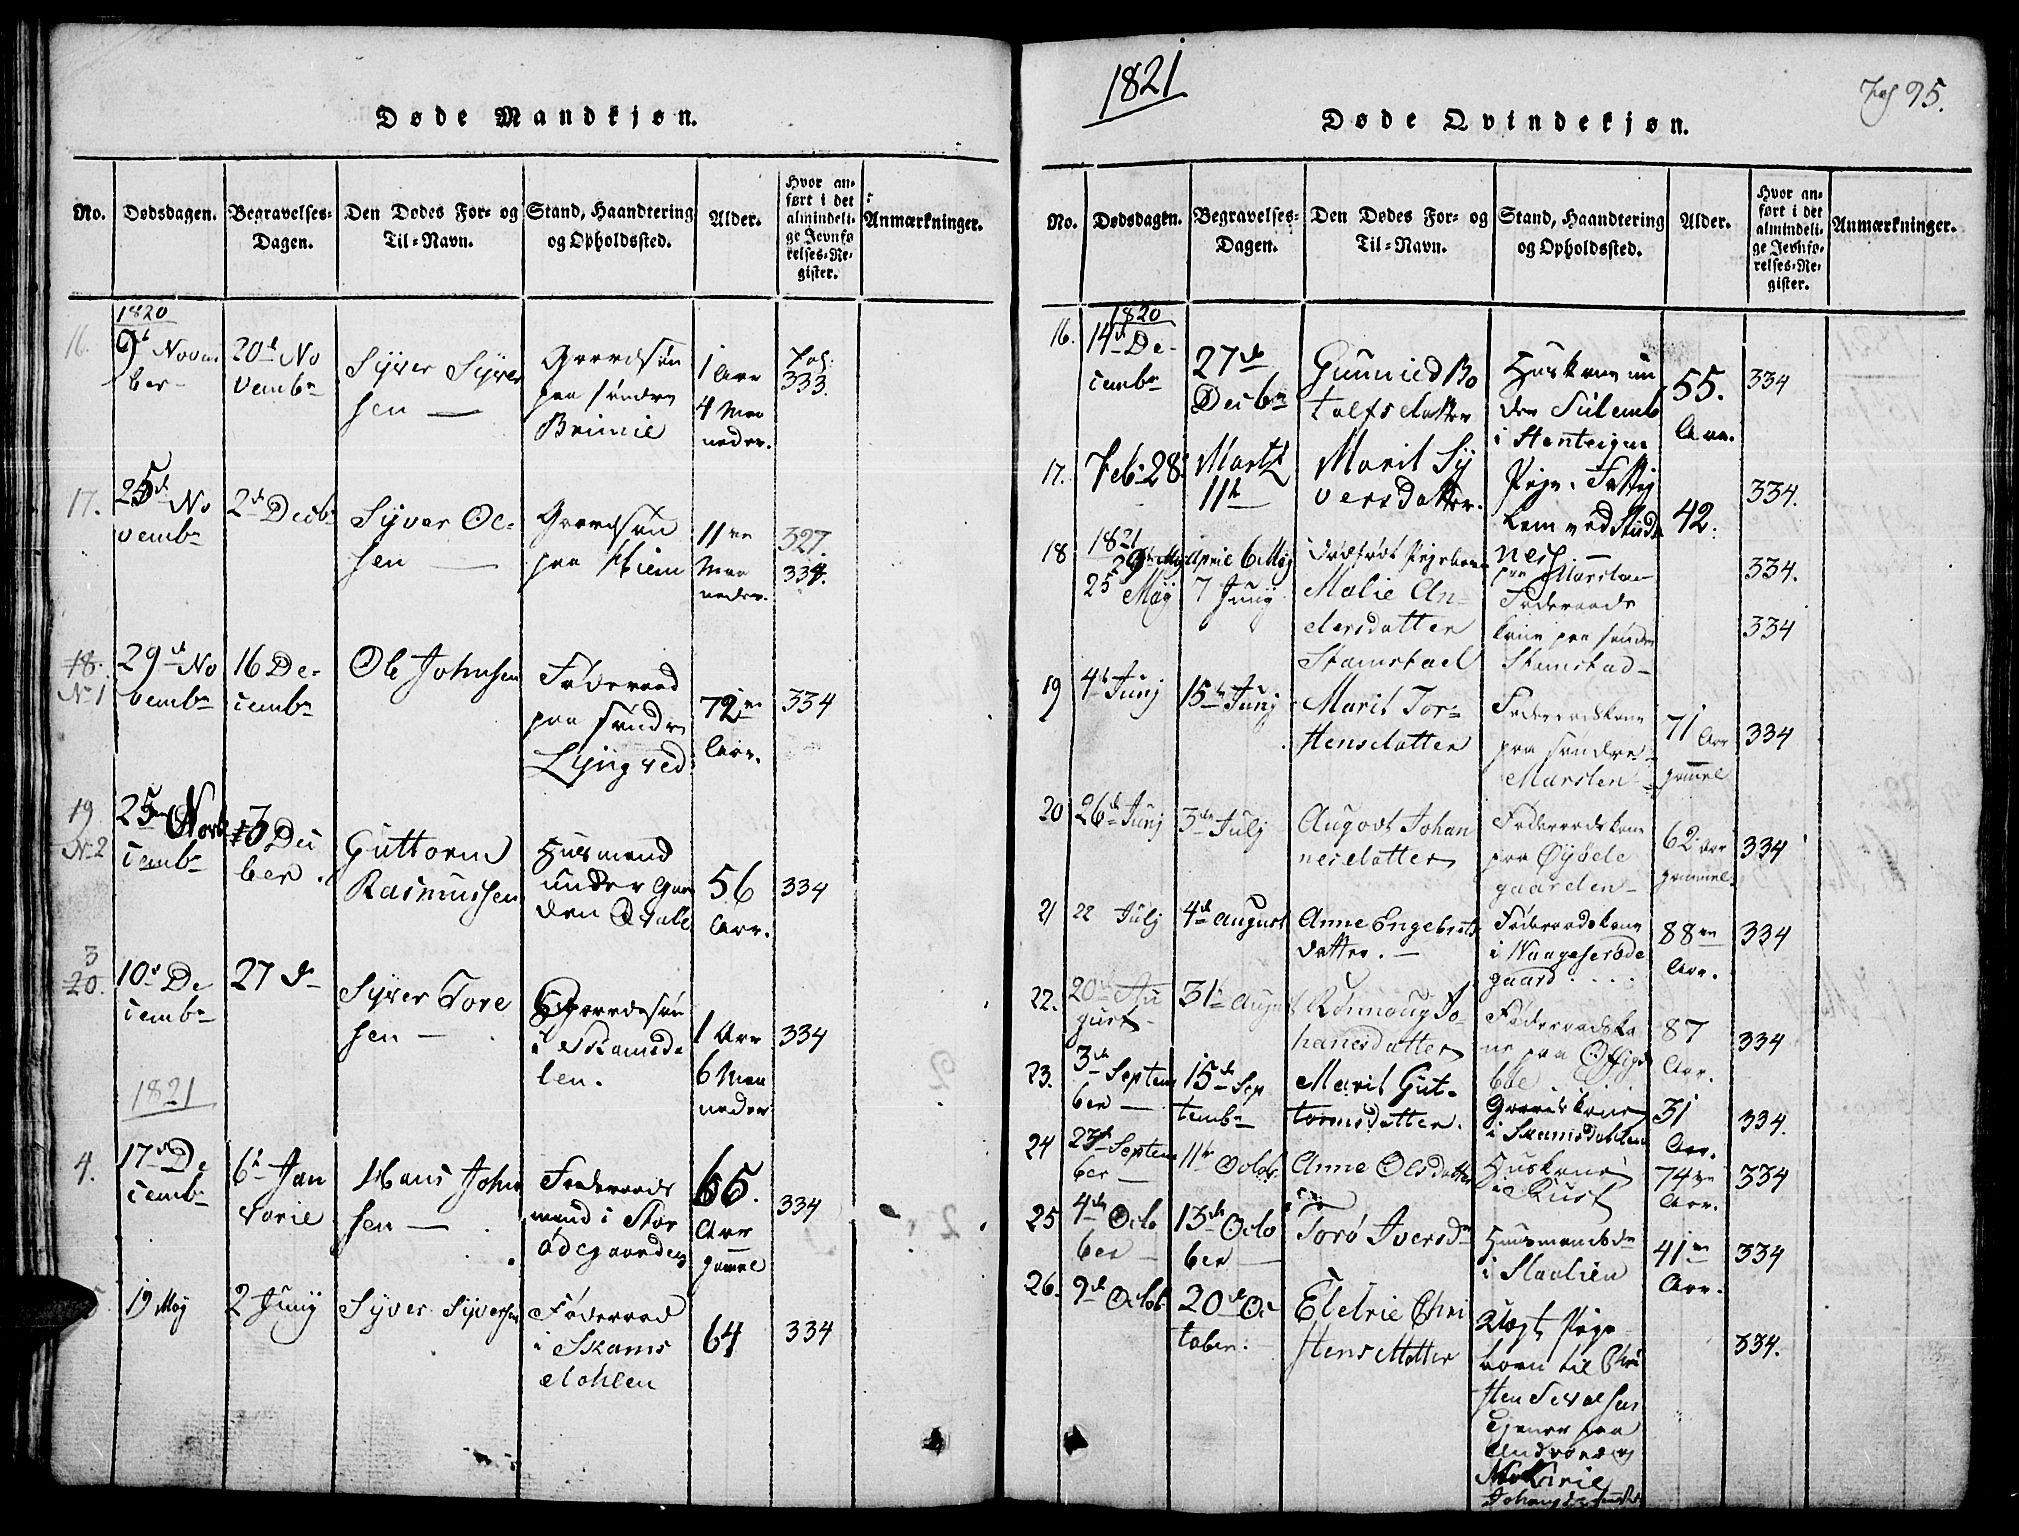 SAH, Lom prestekontor, L/L0001: Klokkerbok nr. 1, 1815-1836, s. 95